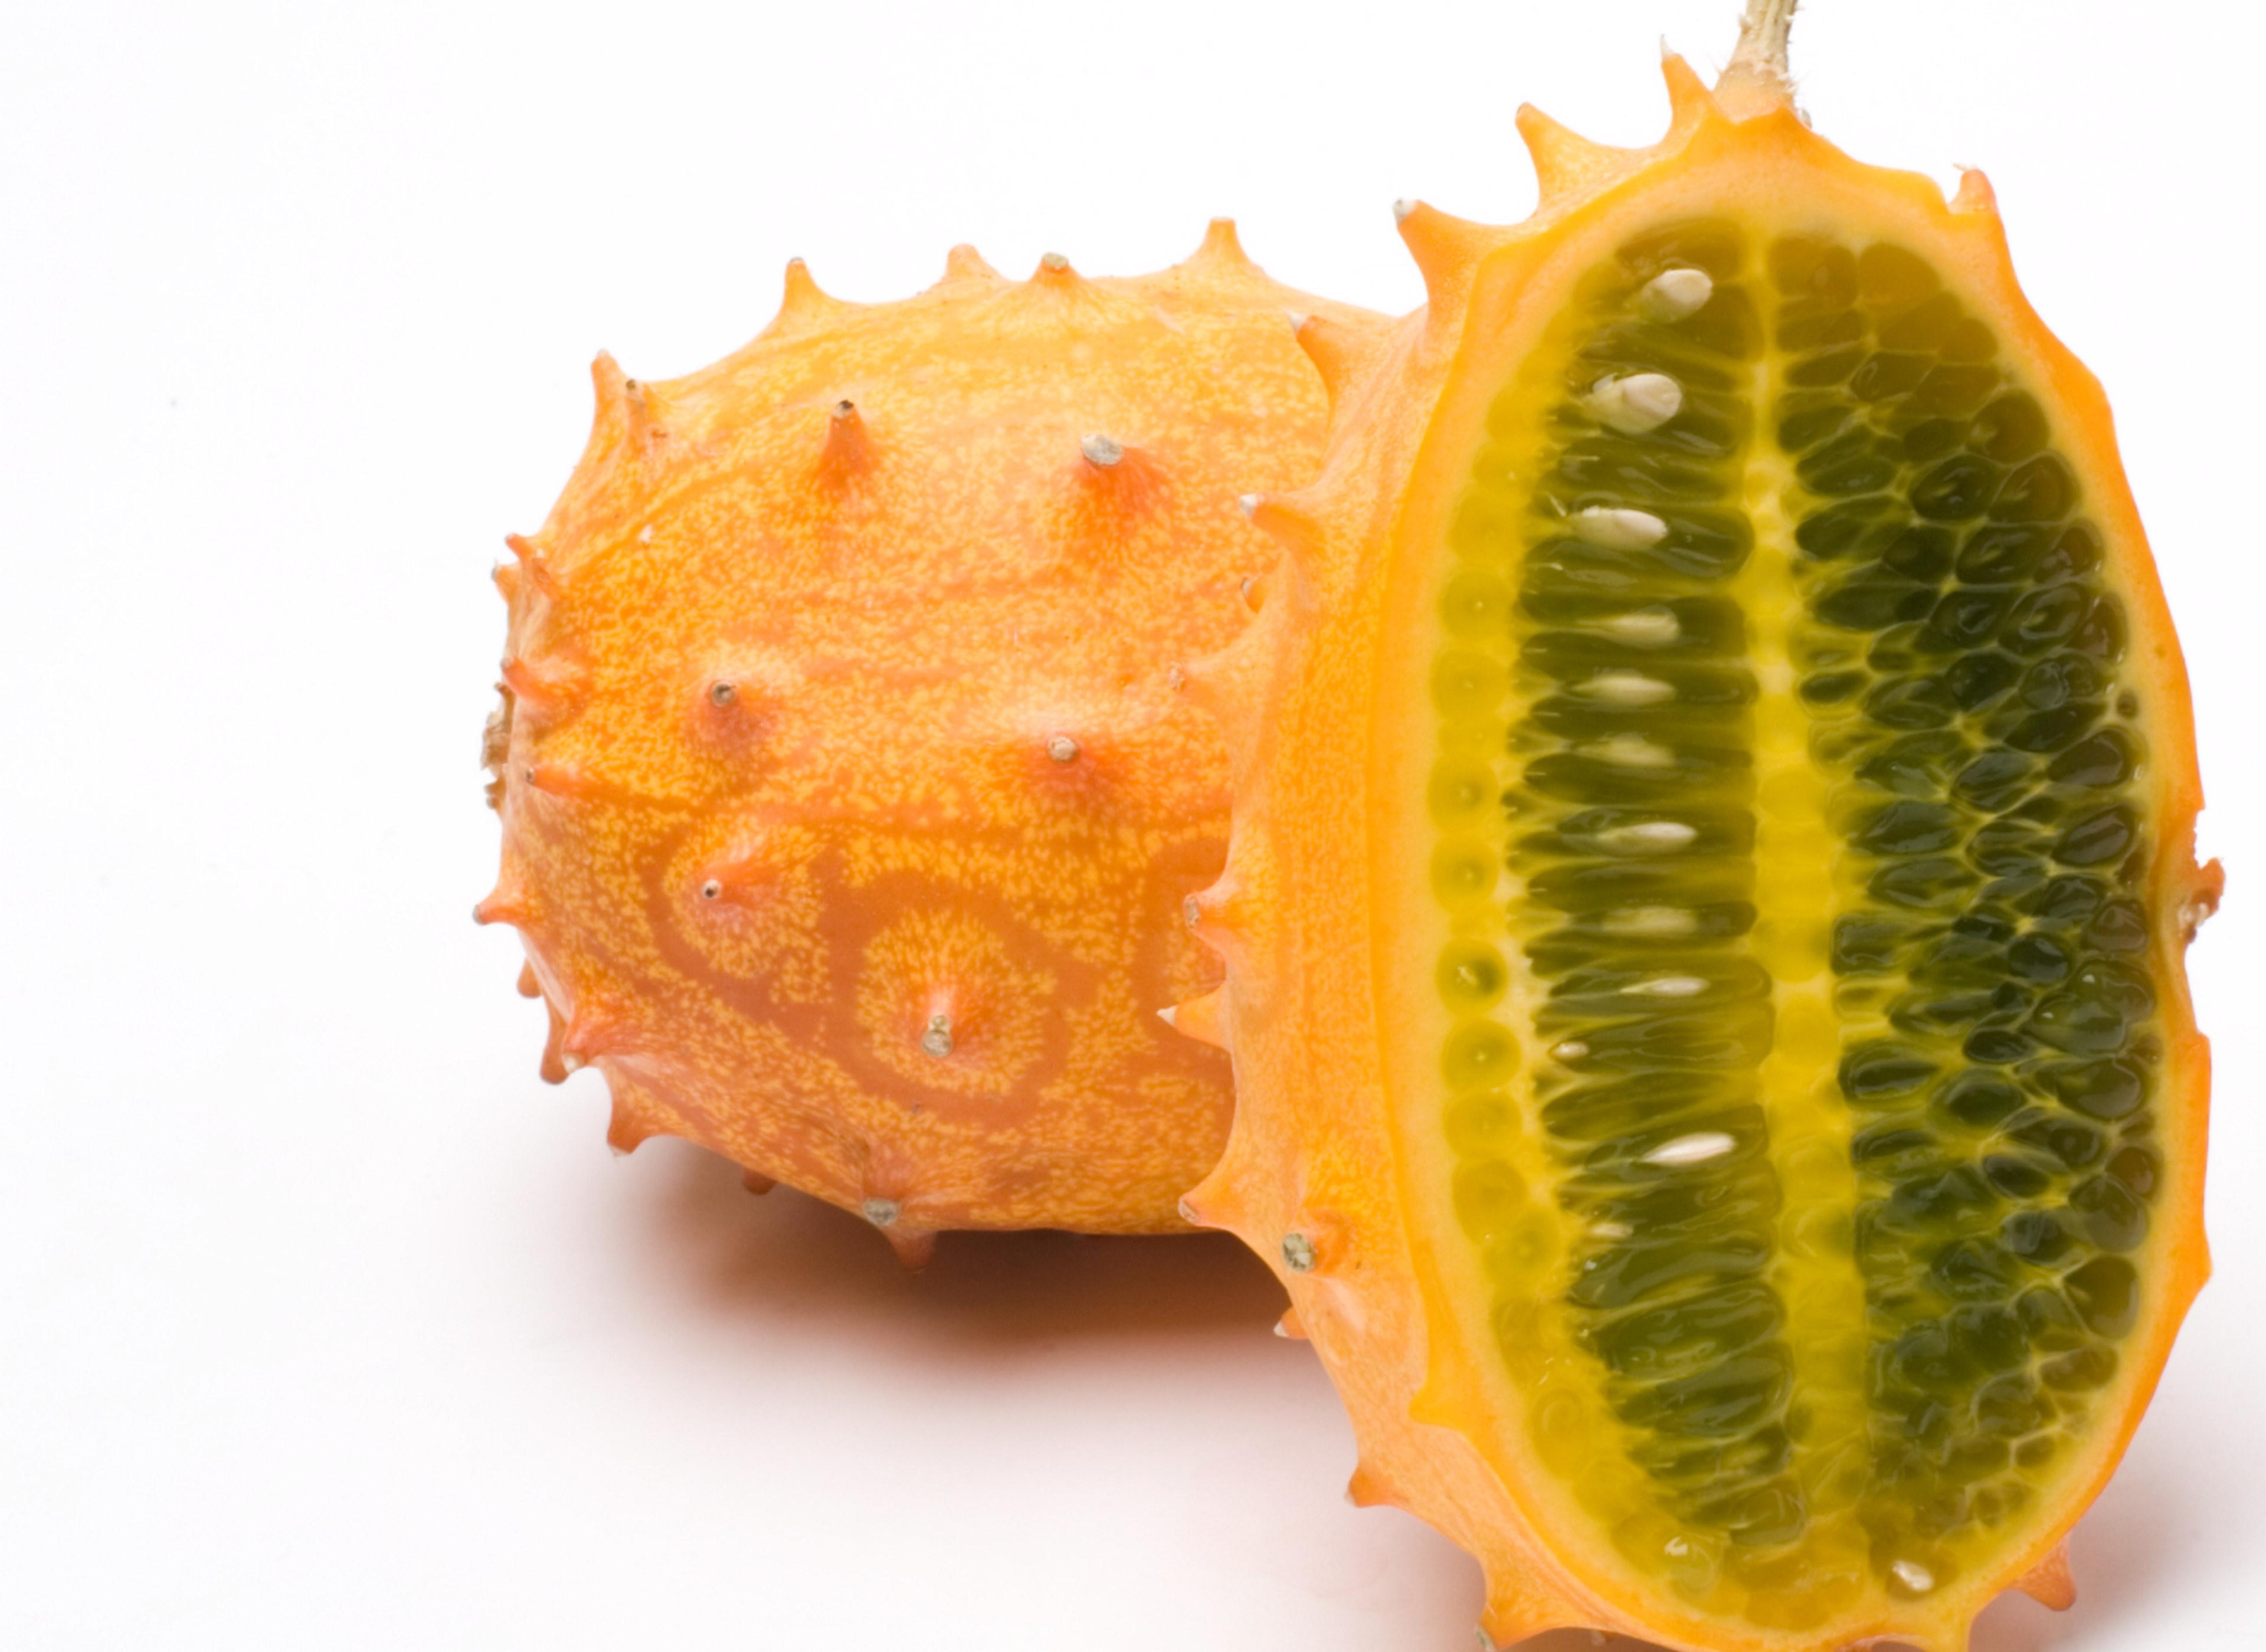 Кивано — что это такое, описание растения и плода, полезные свойства